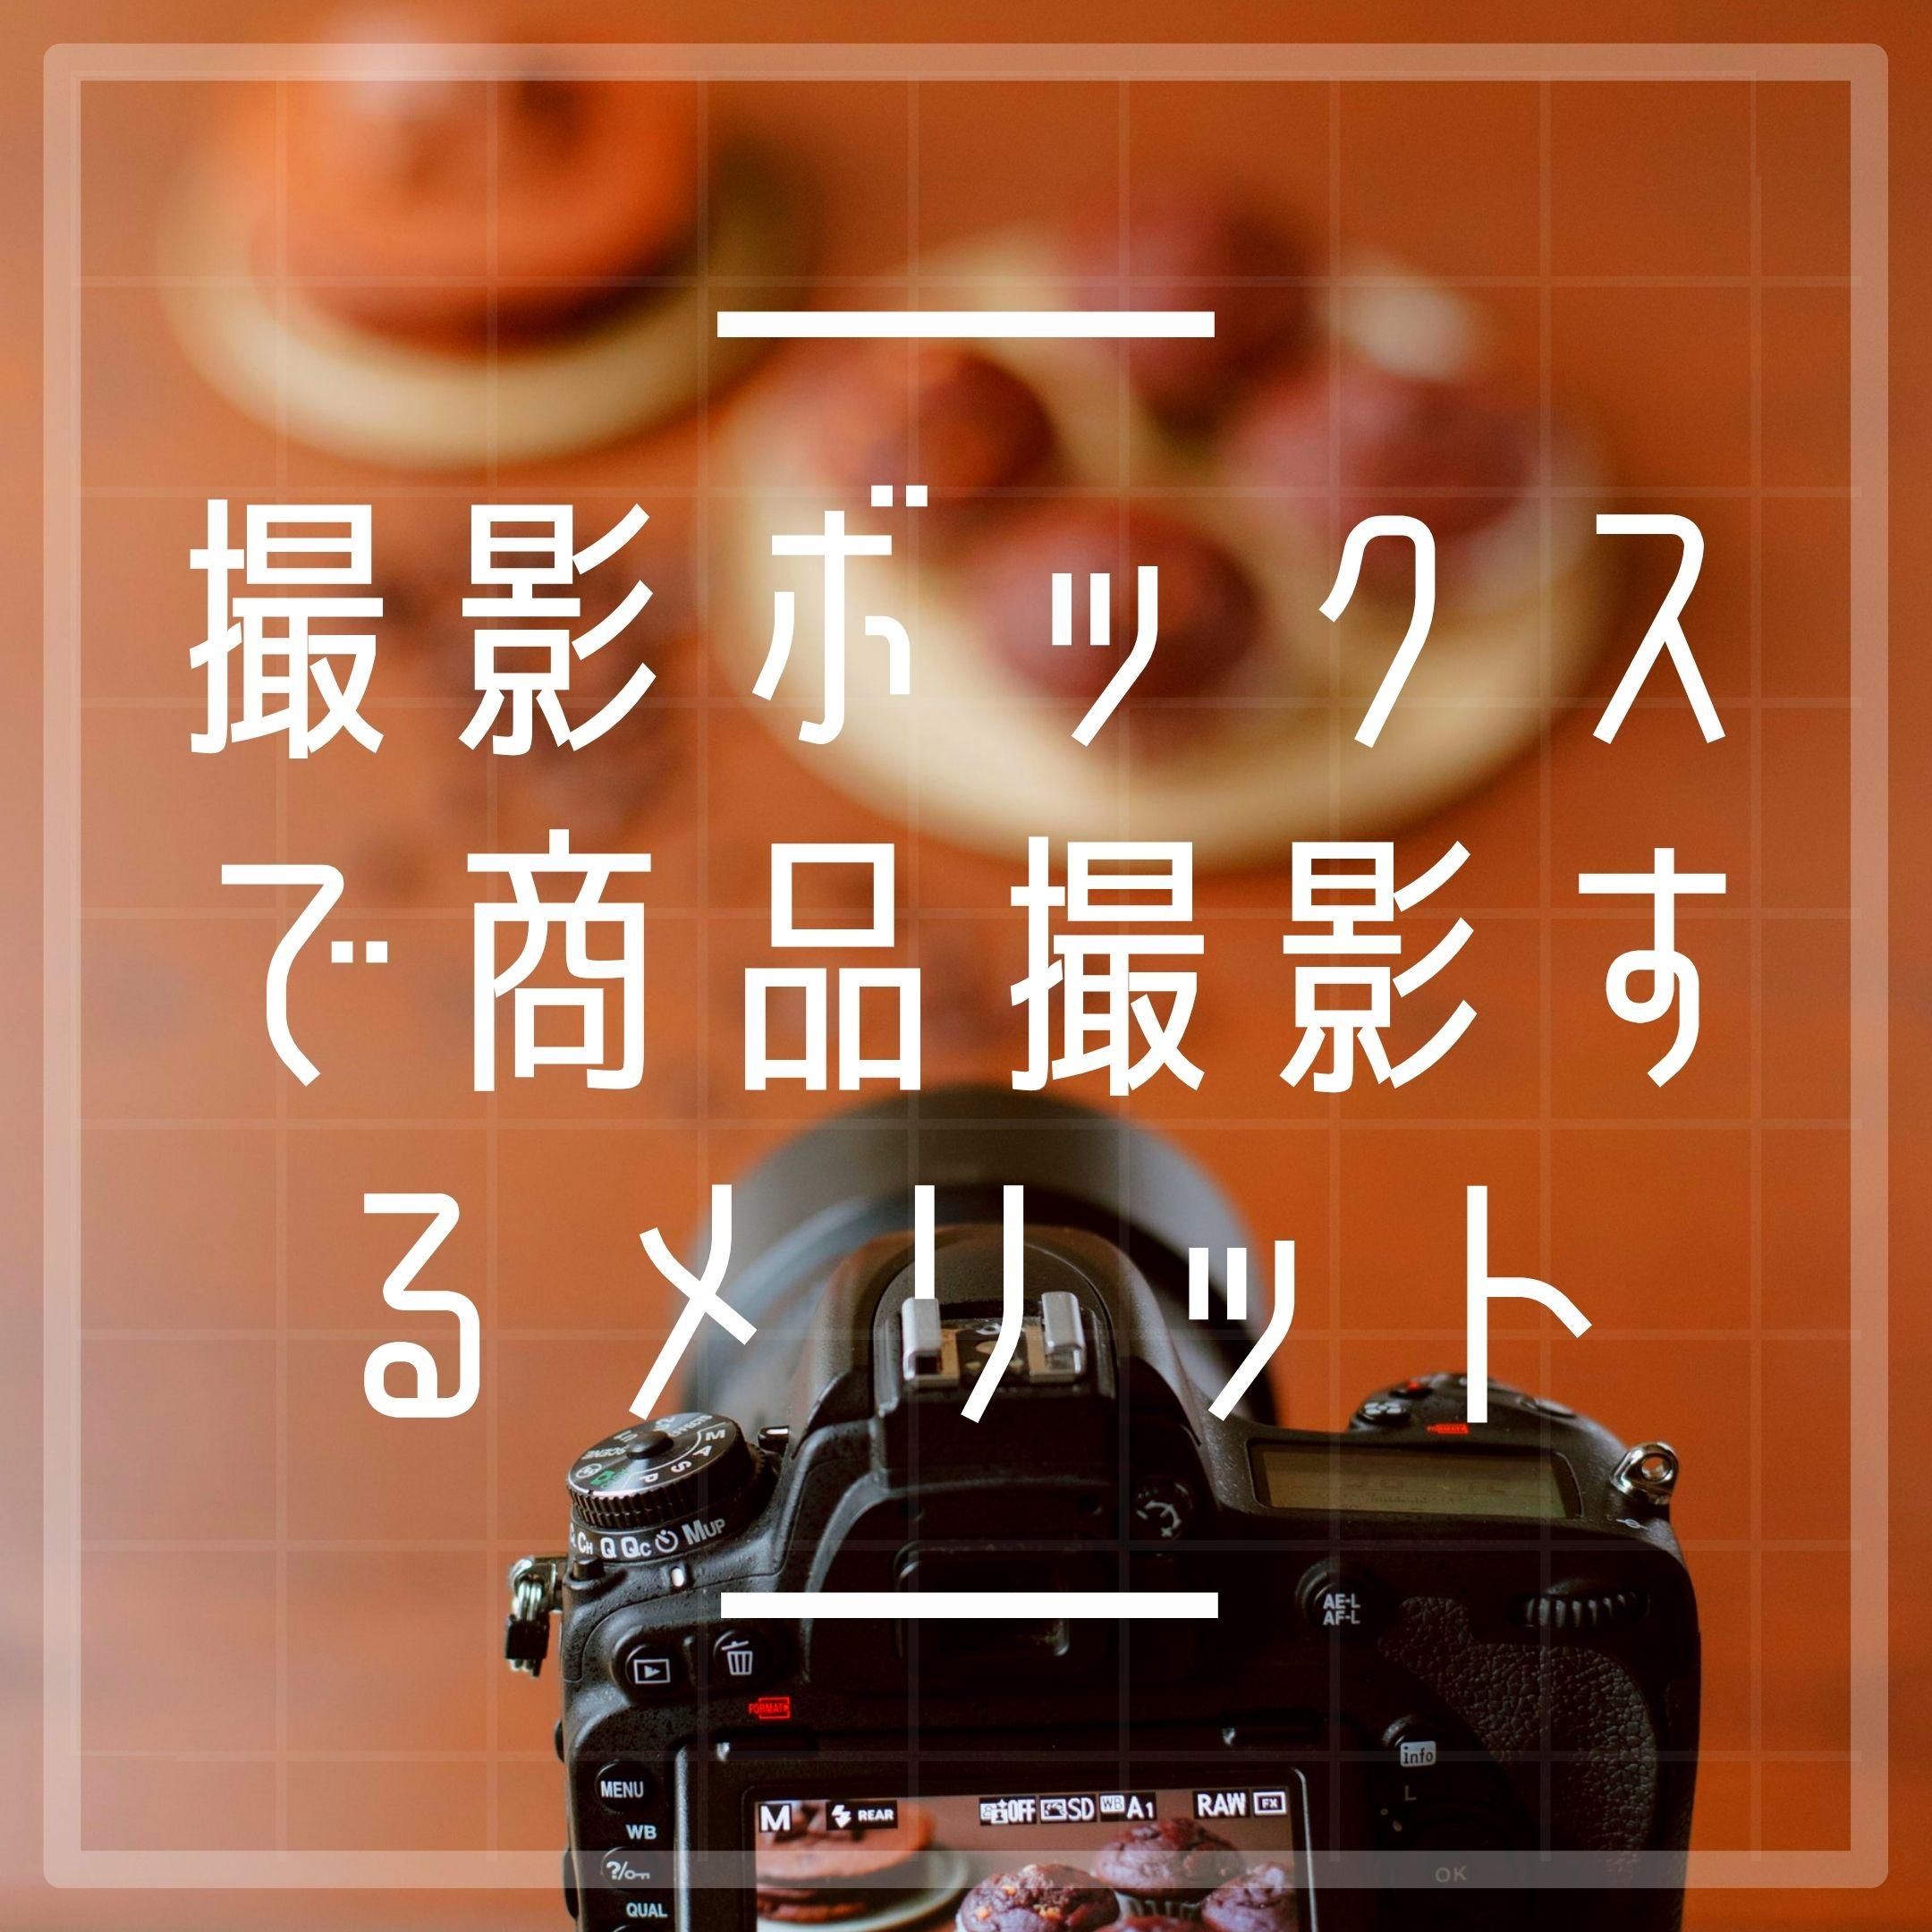 撮影ボックスで商品撮影するメリットとデメリット